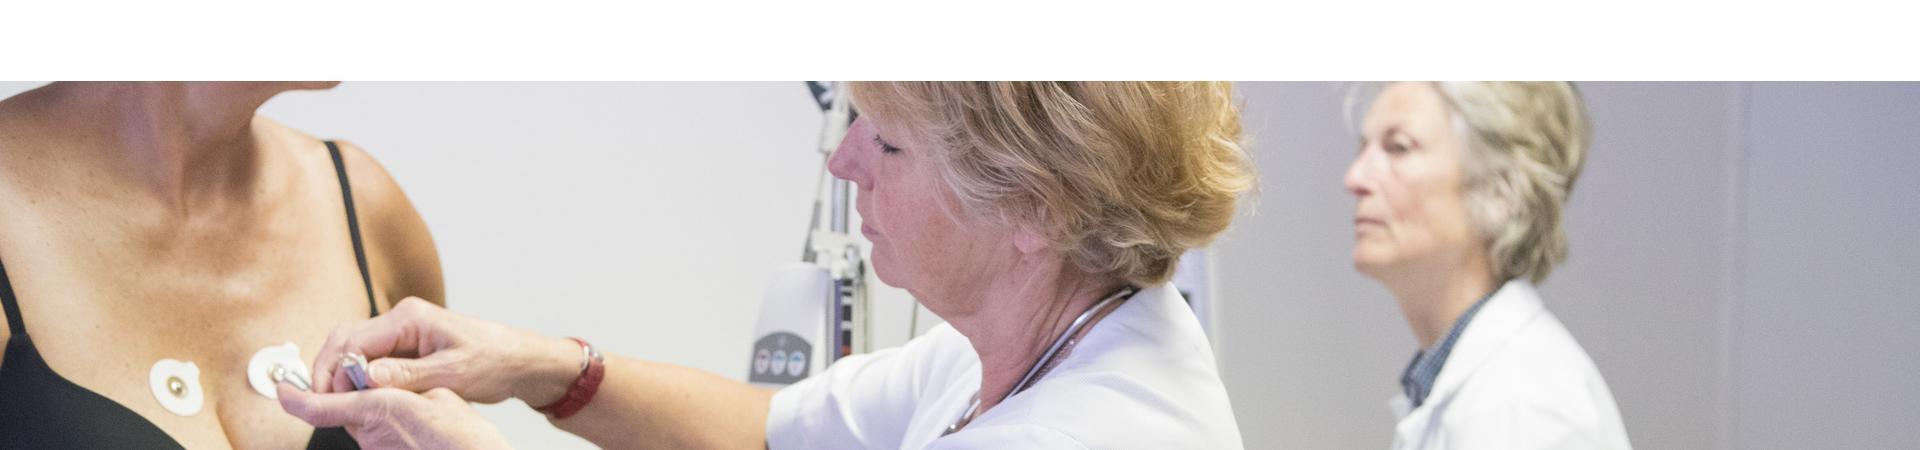 Cardiologie en hospitalisation